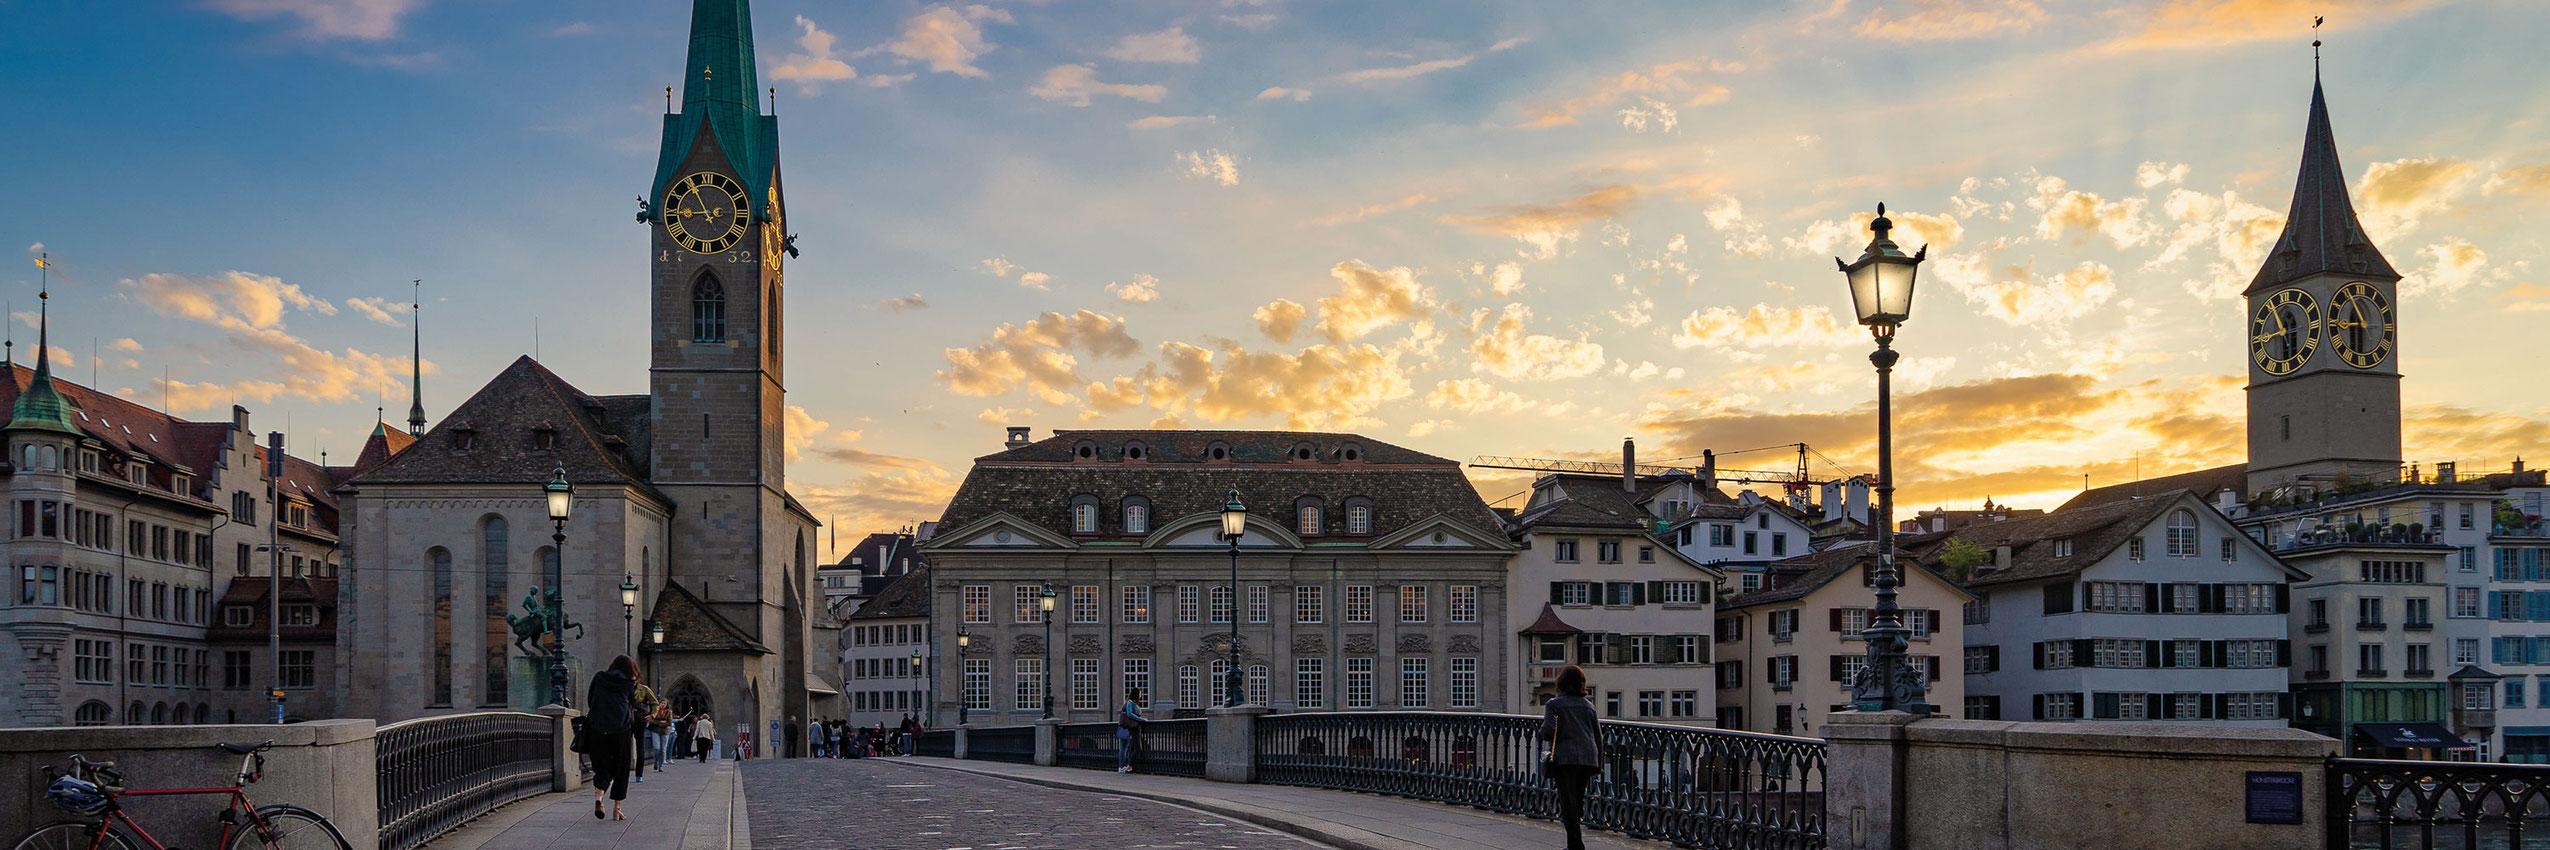 Freizeitaktivität, Zürich, Stadtbesichtigung